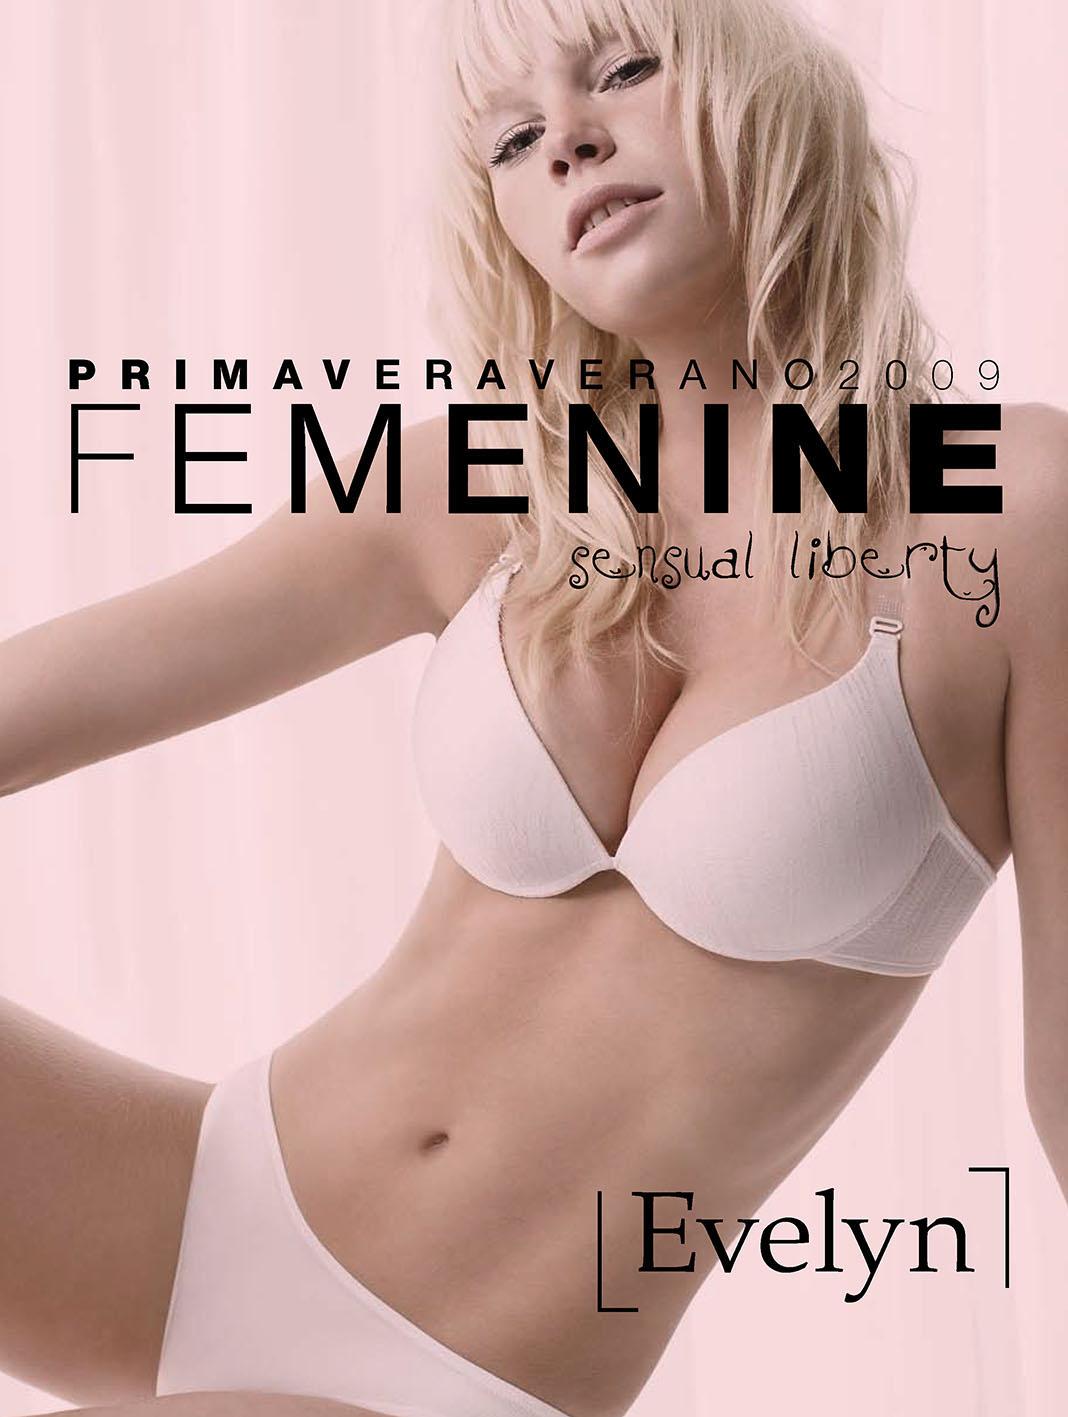 Evelyn PV 09 FEMENINE-1.jpg